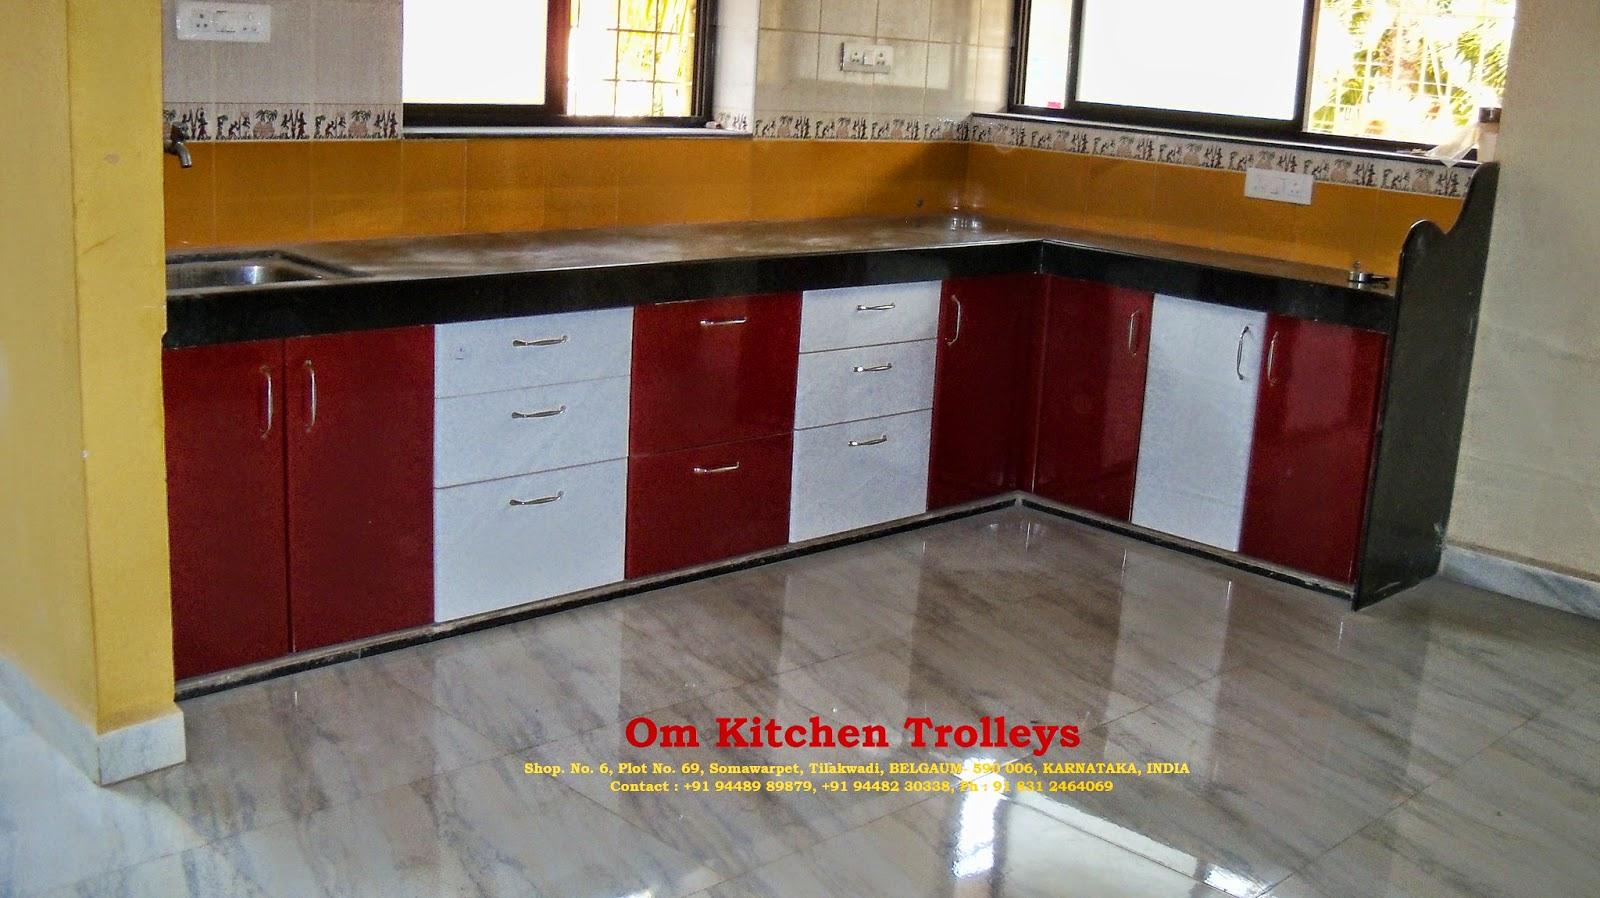 Om Kitchen Trolleys Modular Kitchen Trolleys